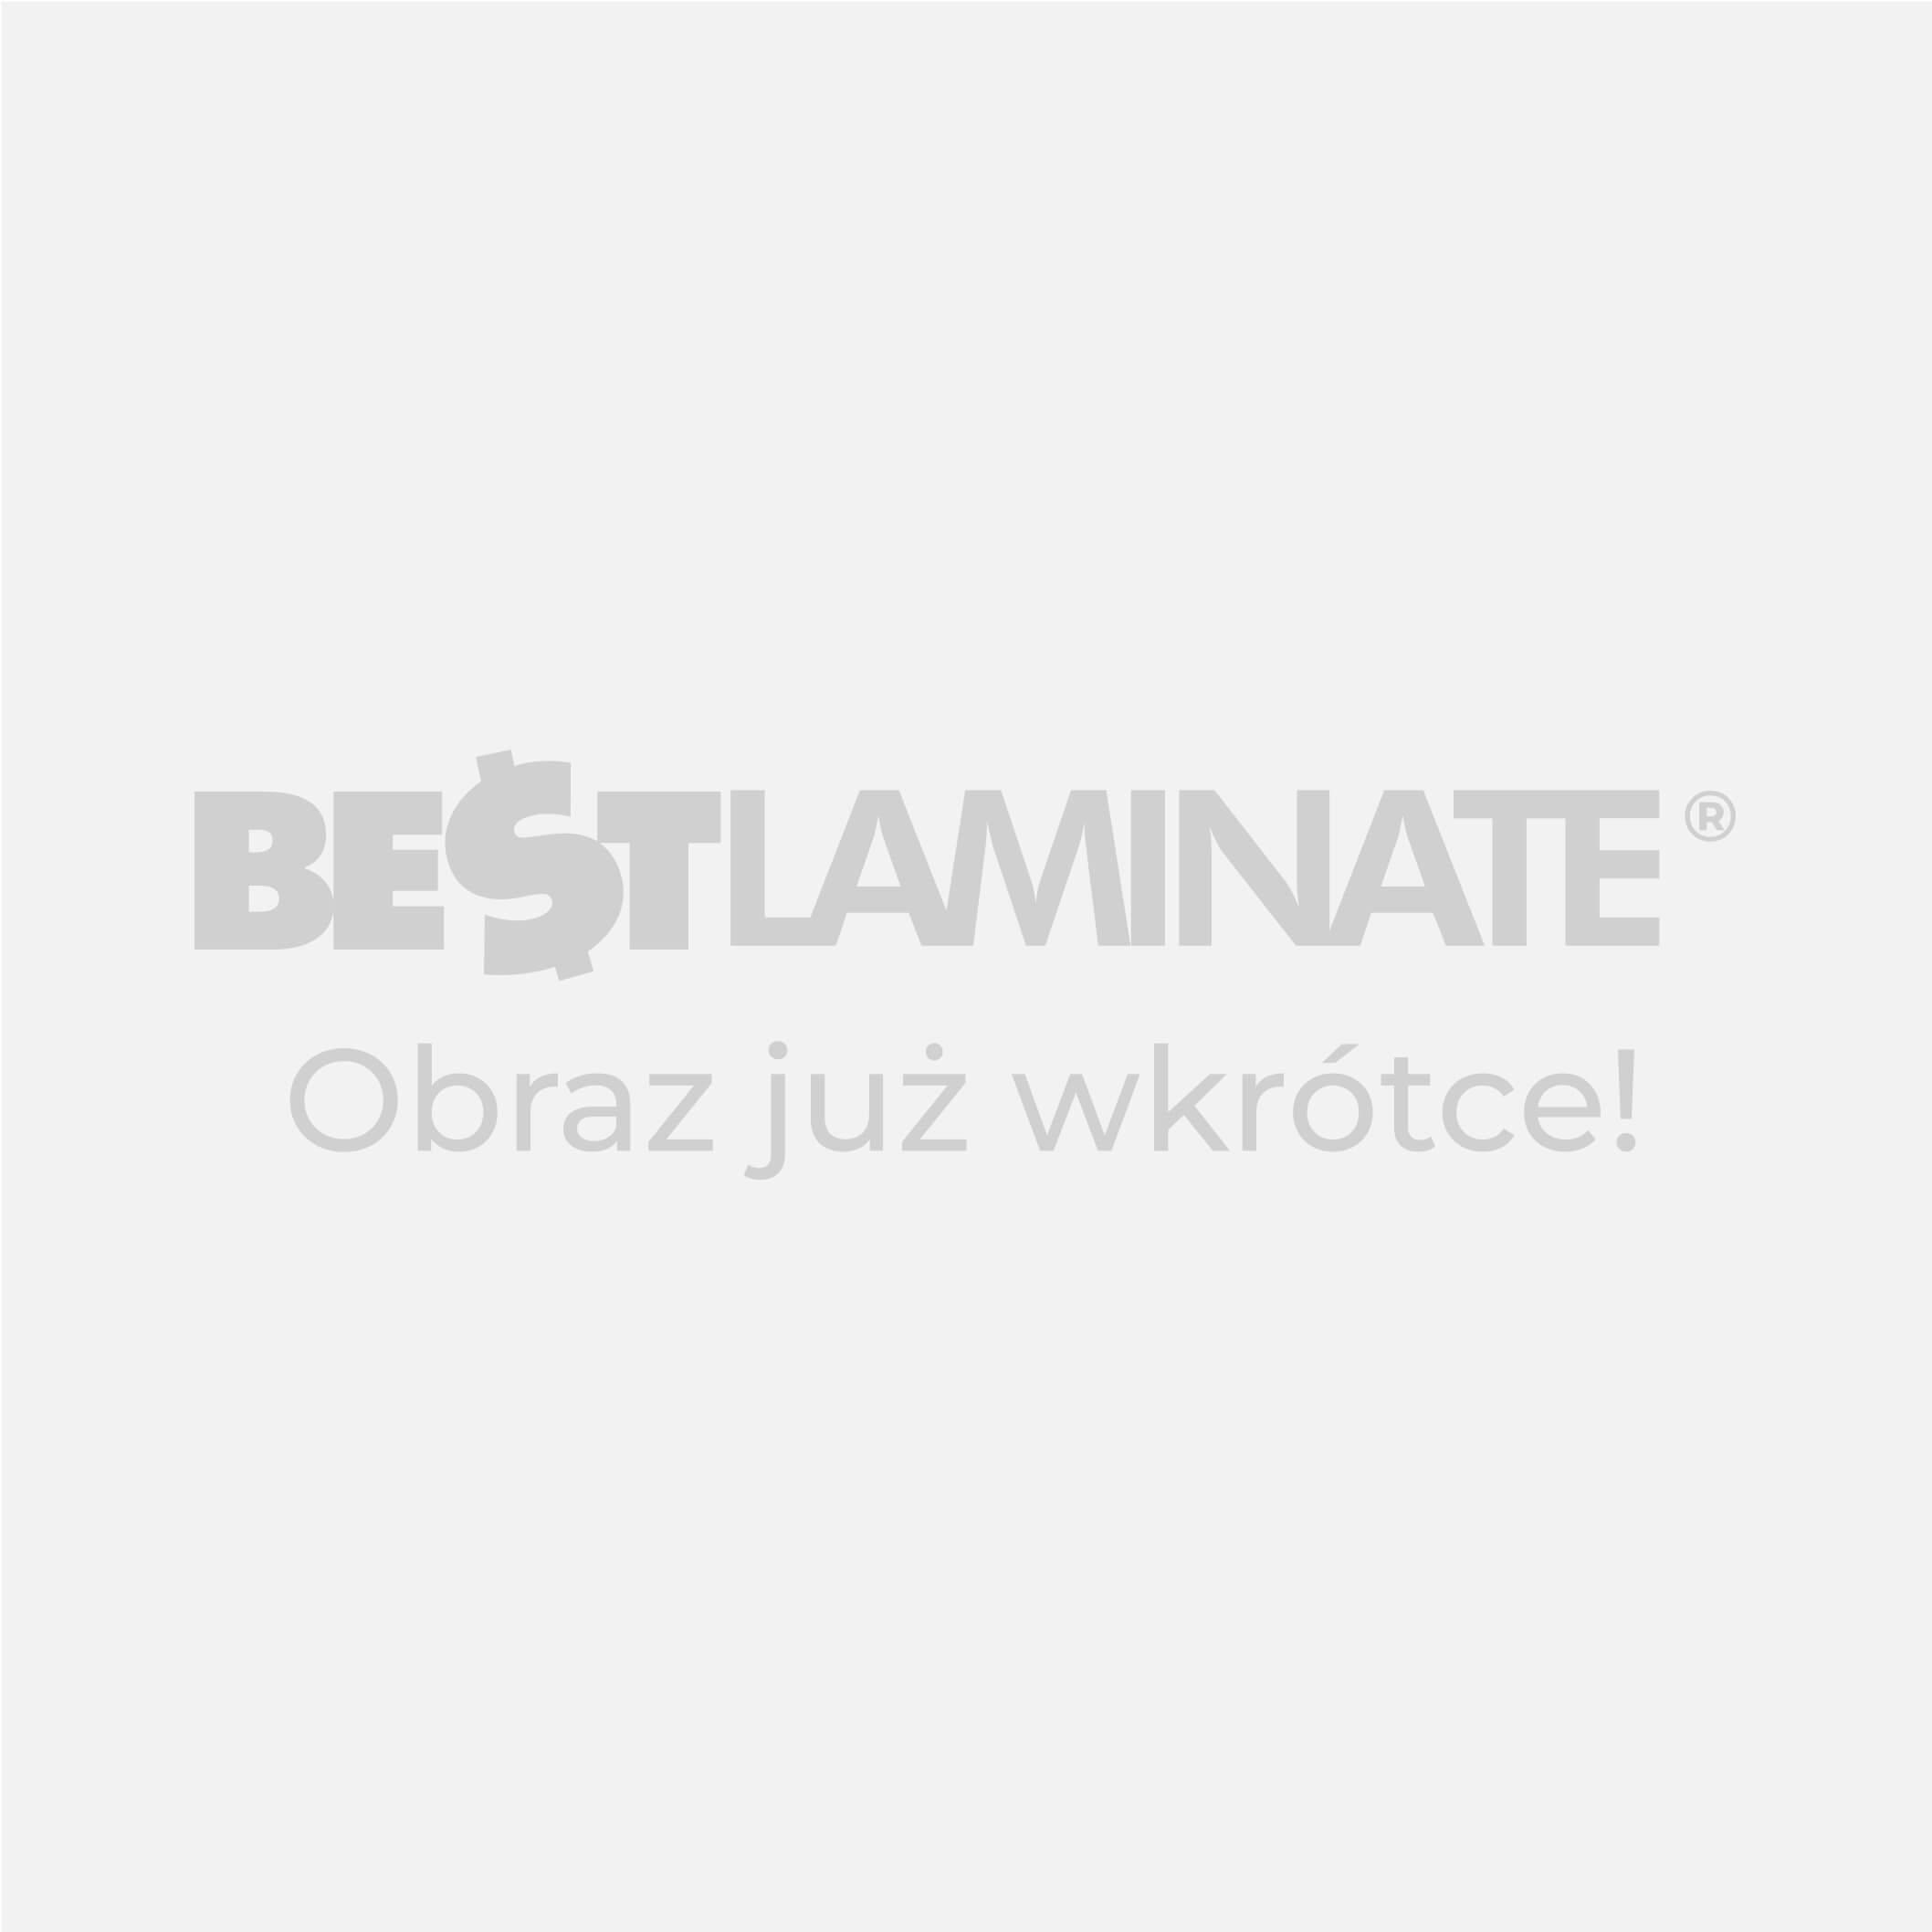 Ćwierćwałek listwa przypodłogowa przyścienna PCV - Bestlaminate Livanti - Dąb Grafitowy